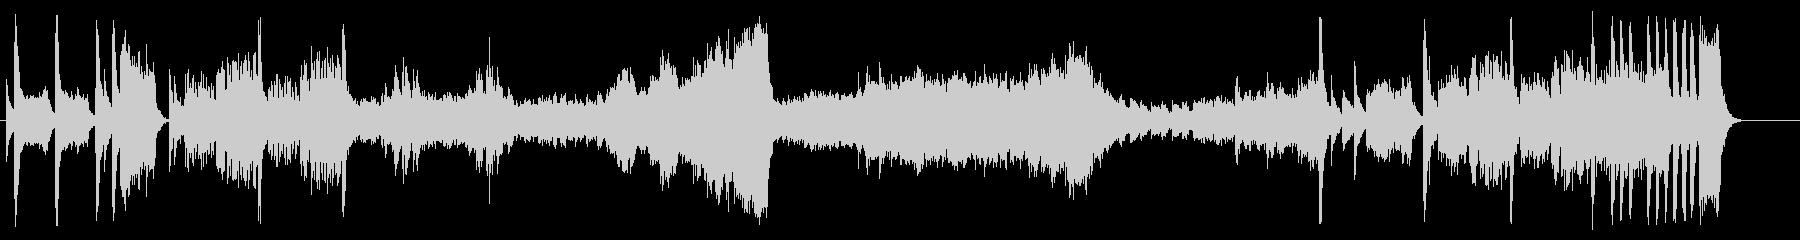 クラシカル・ミュージックの未再生の波形